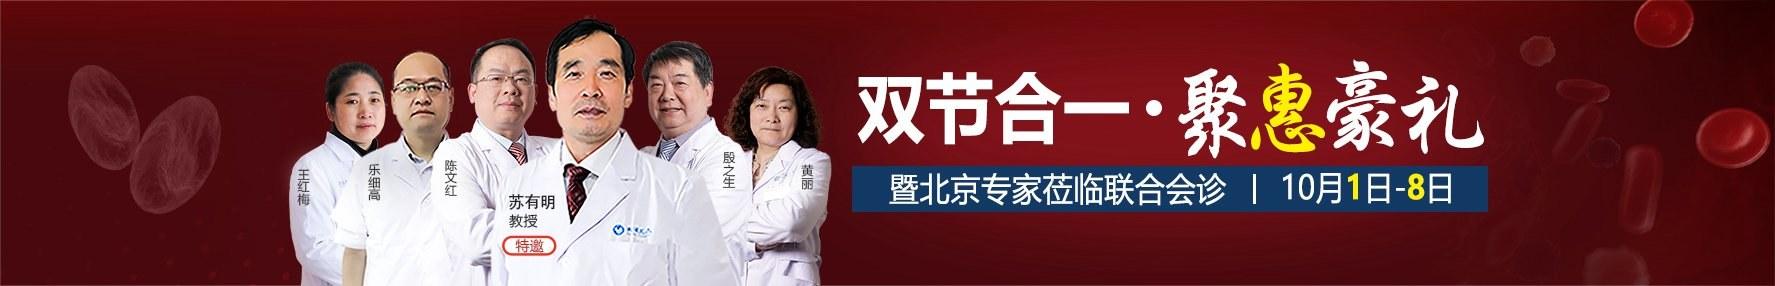 武汉白癜风在线视频偷国产精品